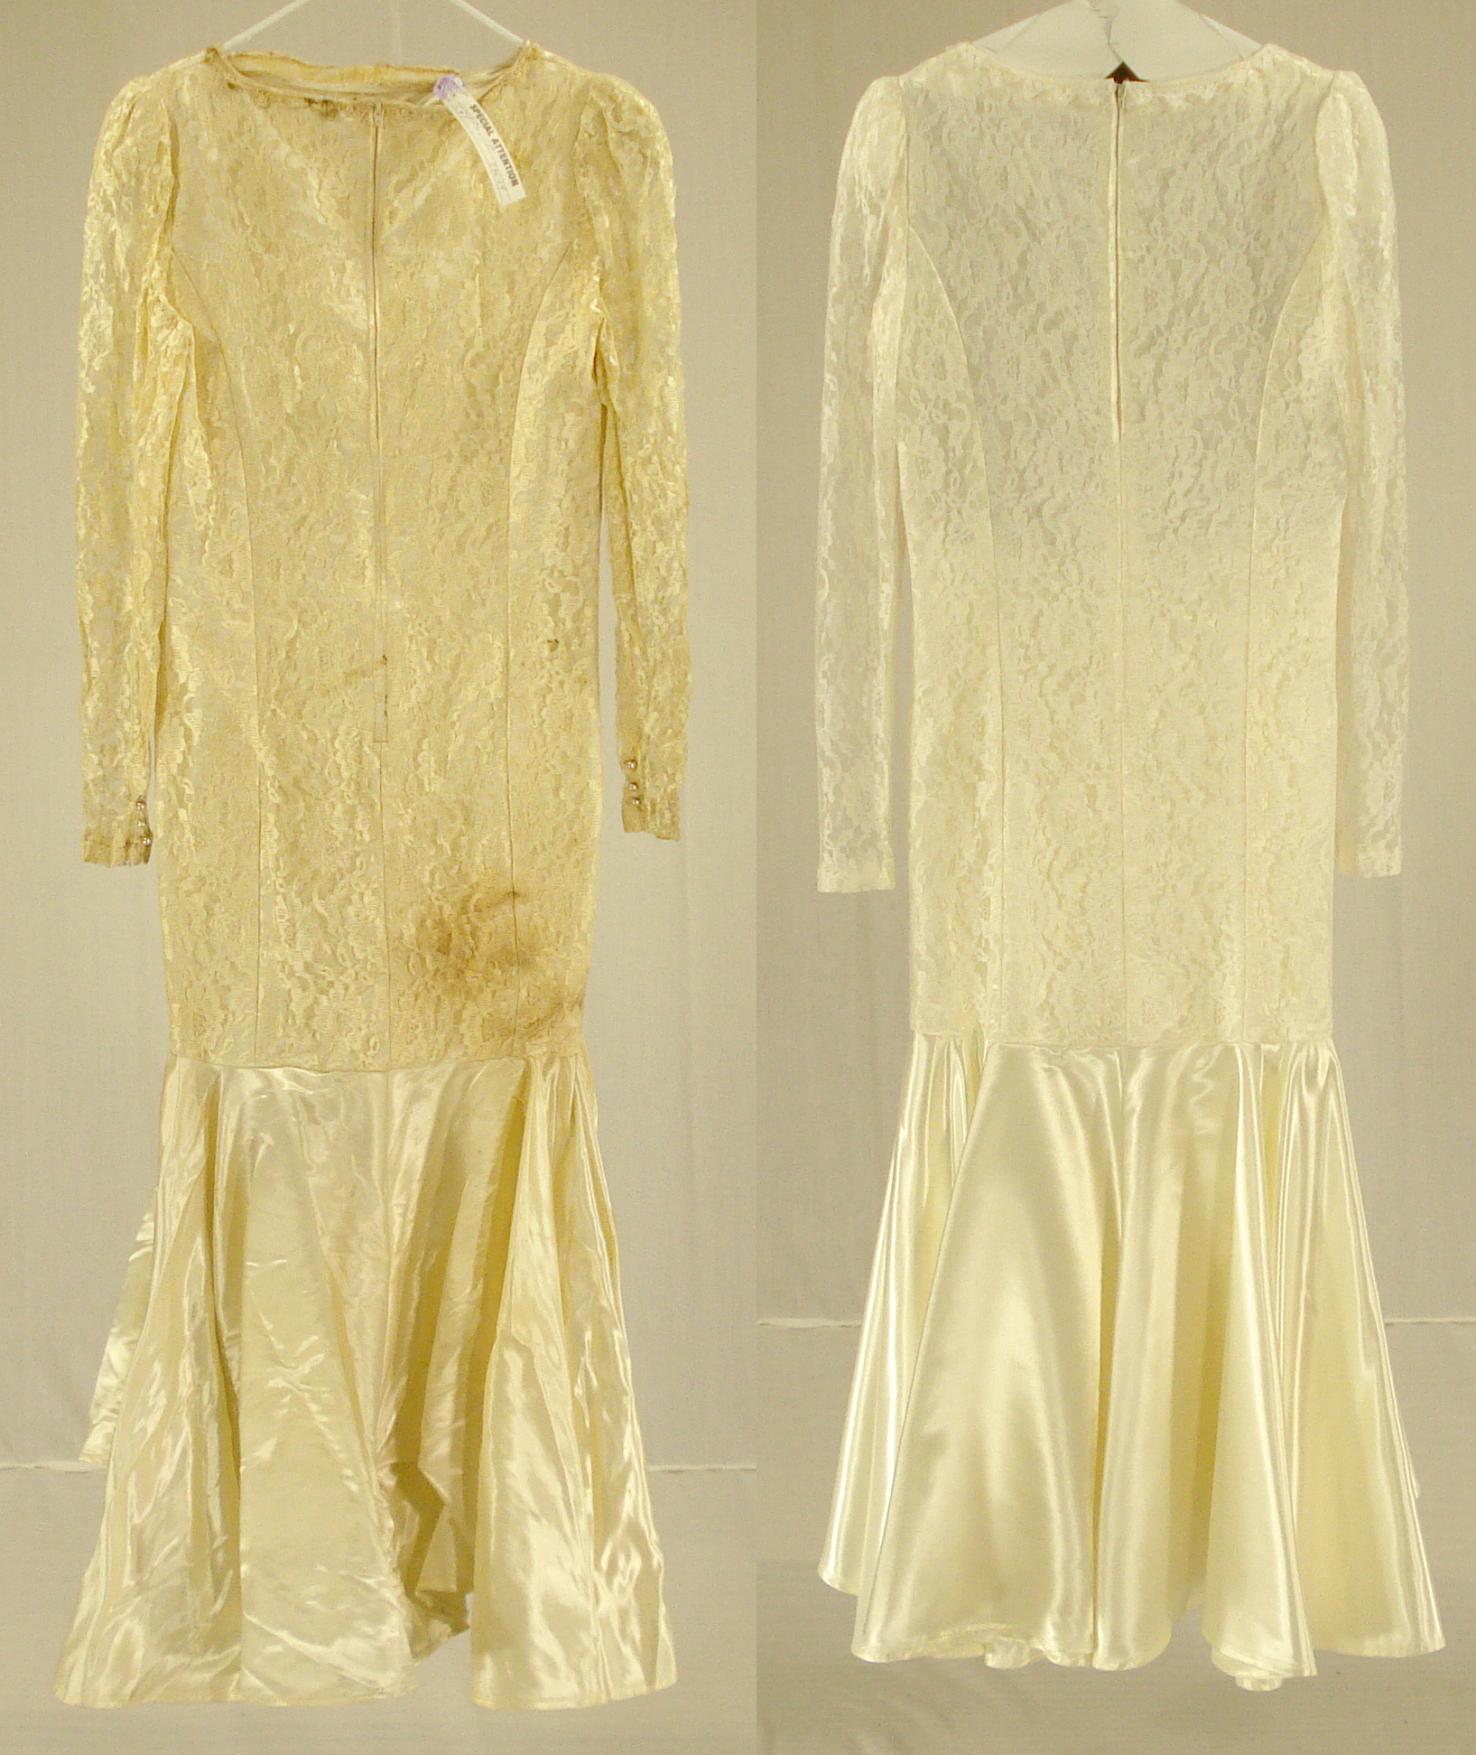 2019 Vintage Wedding Dress Restoration - Best Dresses for Wedding ...